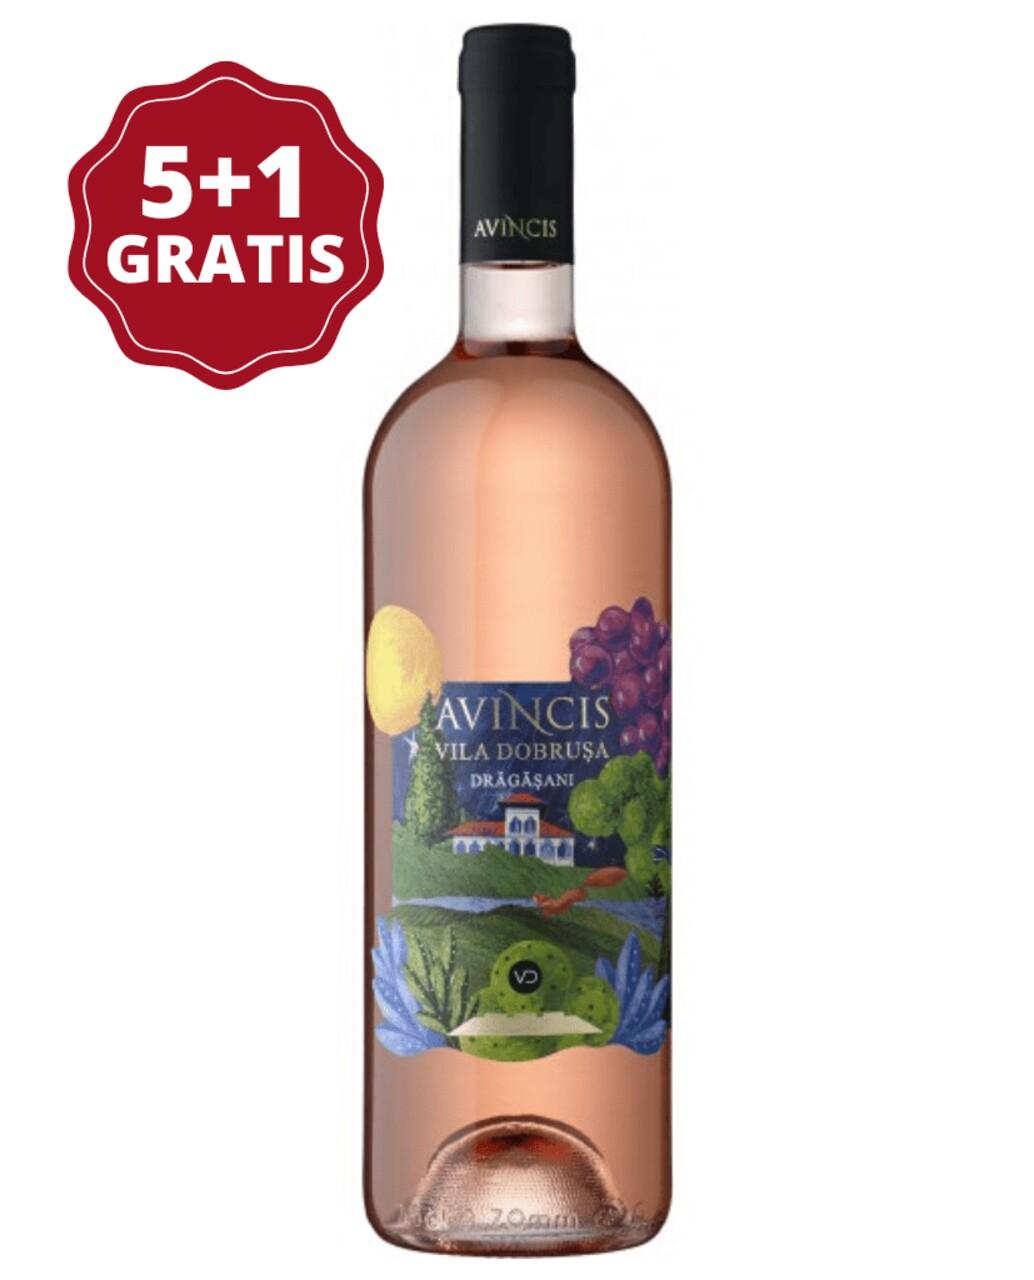 Avincis Vila Dobrusa Rose 5+1